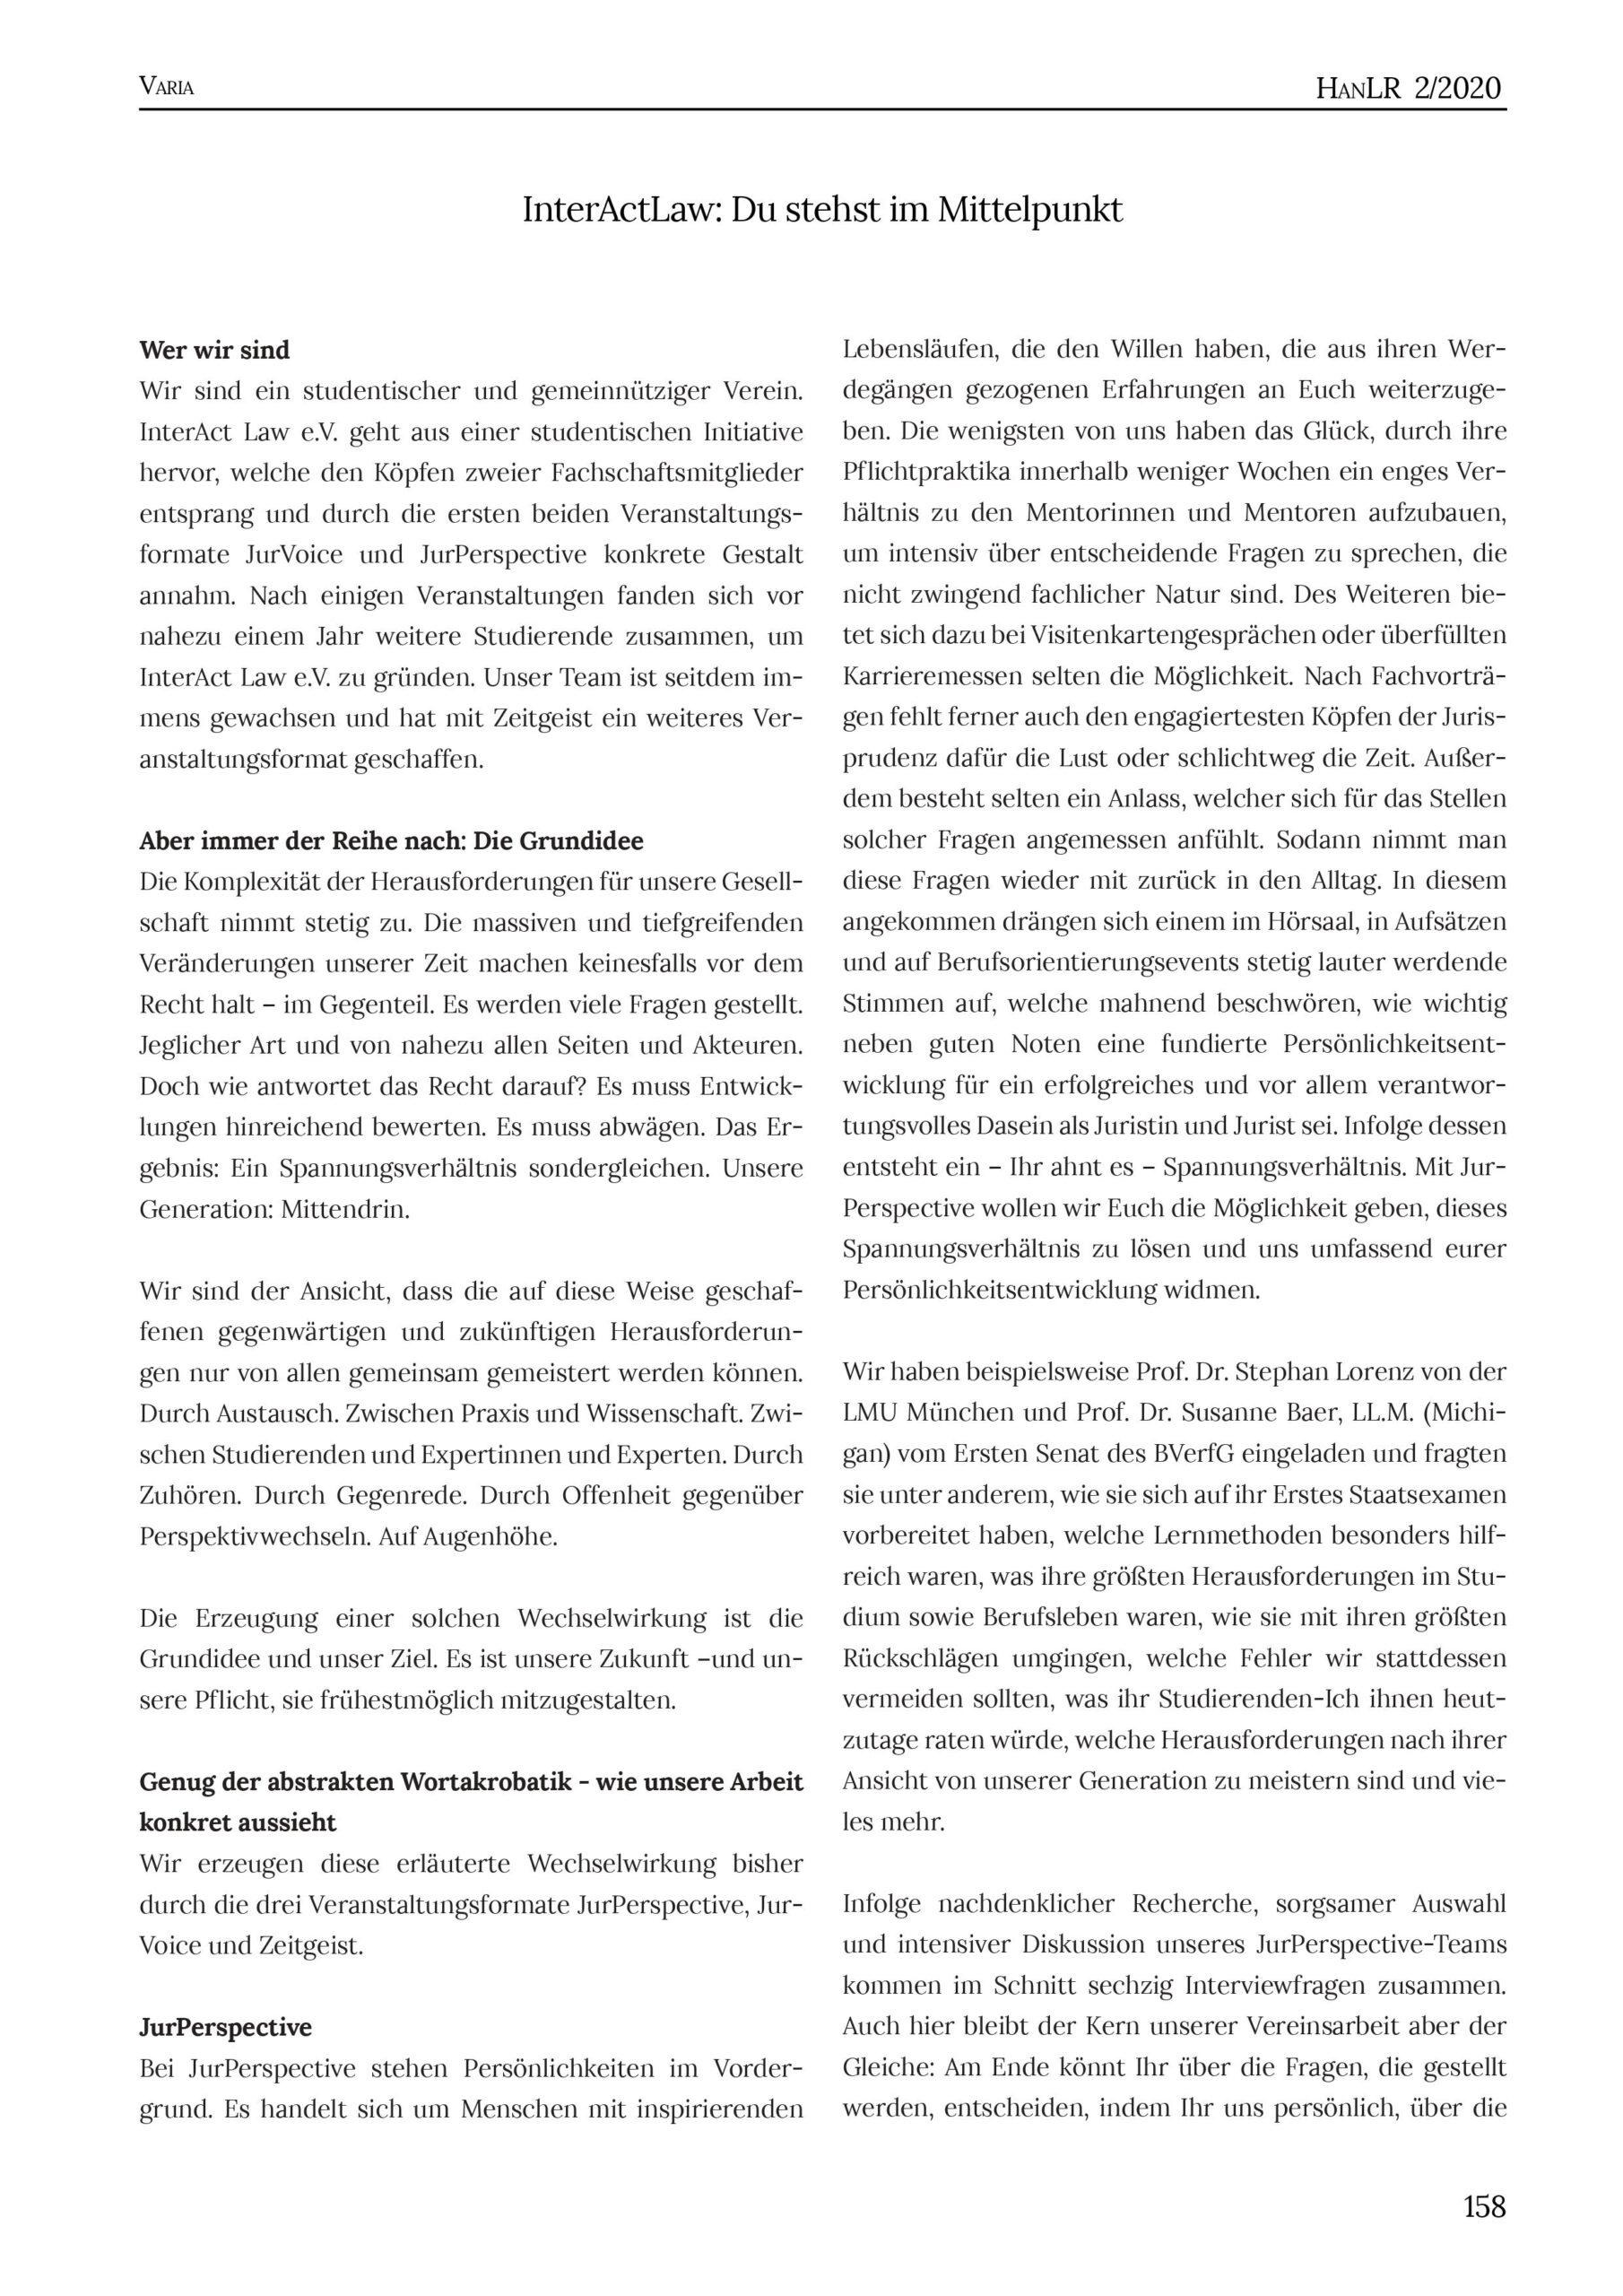 HanLR 2/2020, Lea Köhne, InteractLaw: Du stehst im Mittelpunkt, S.158-159, 158